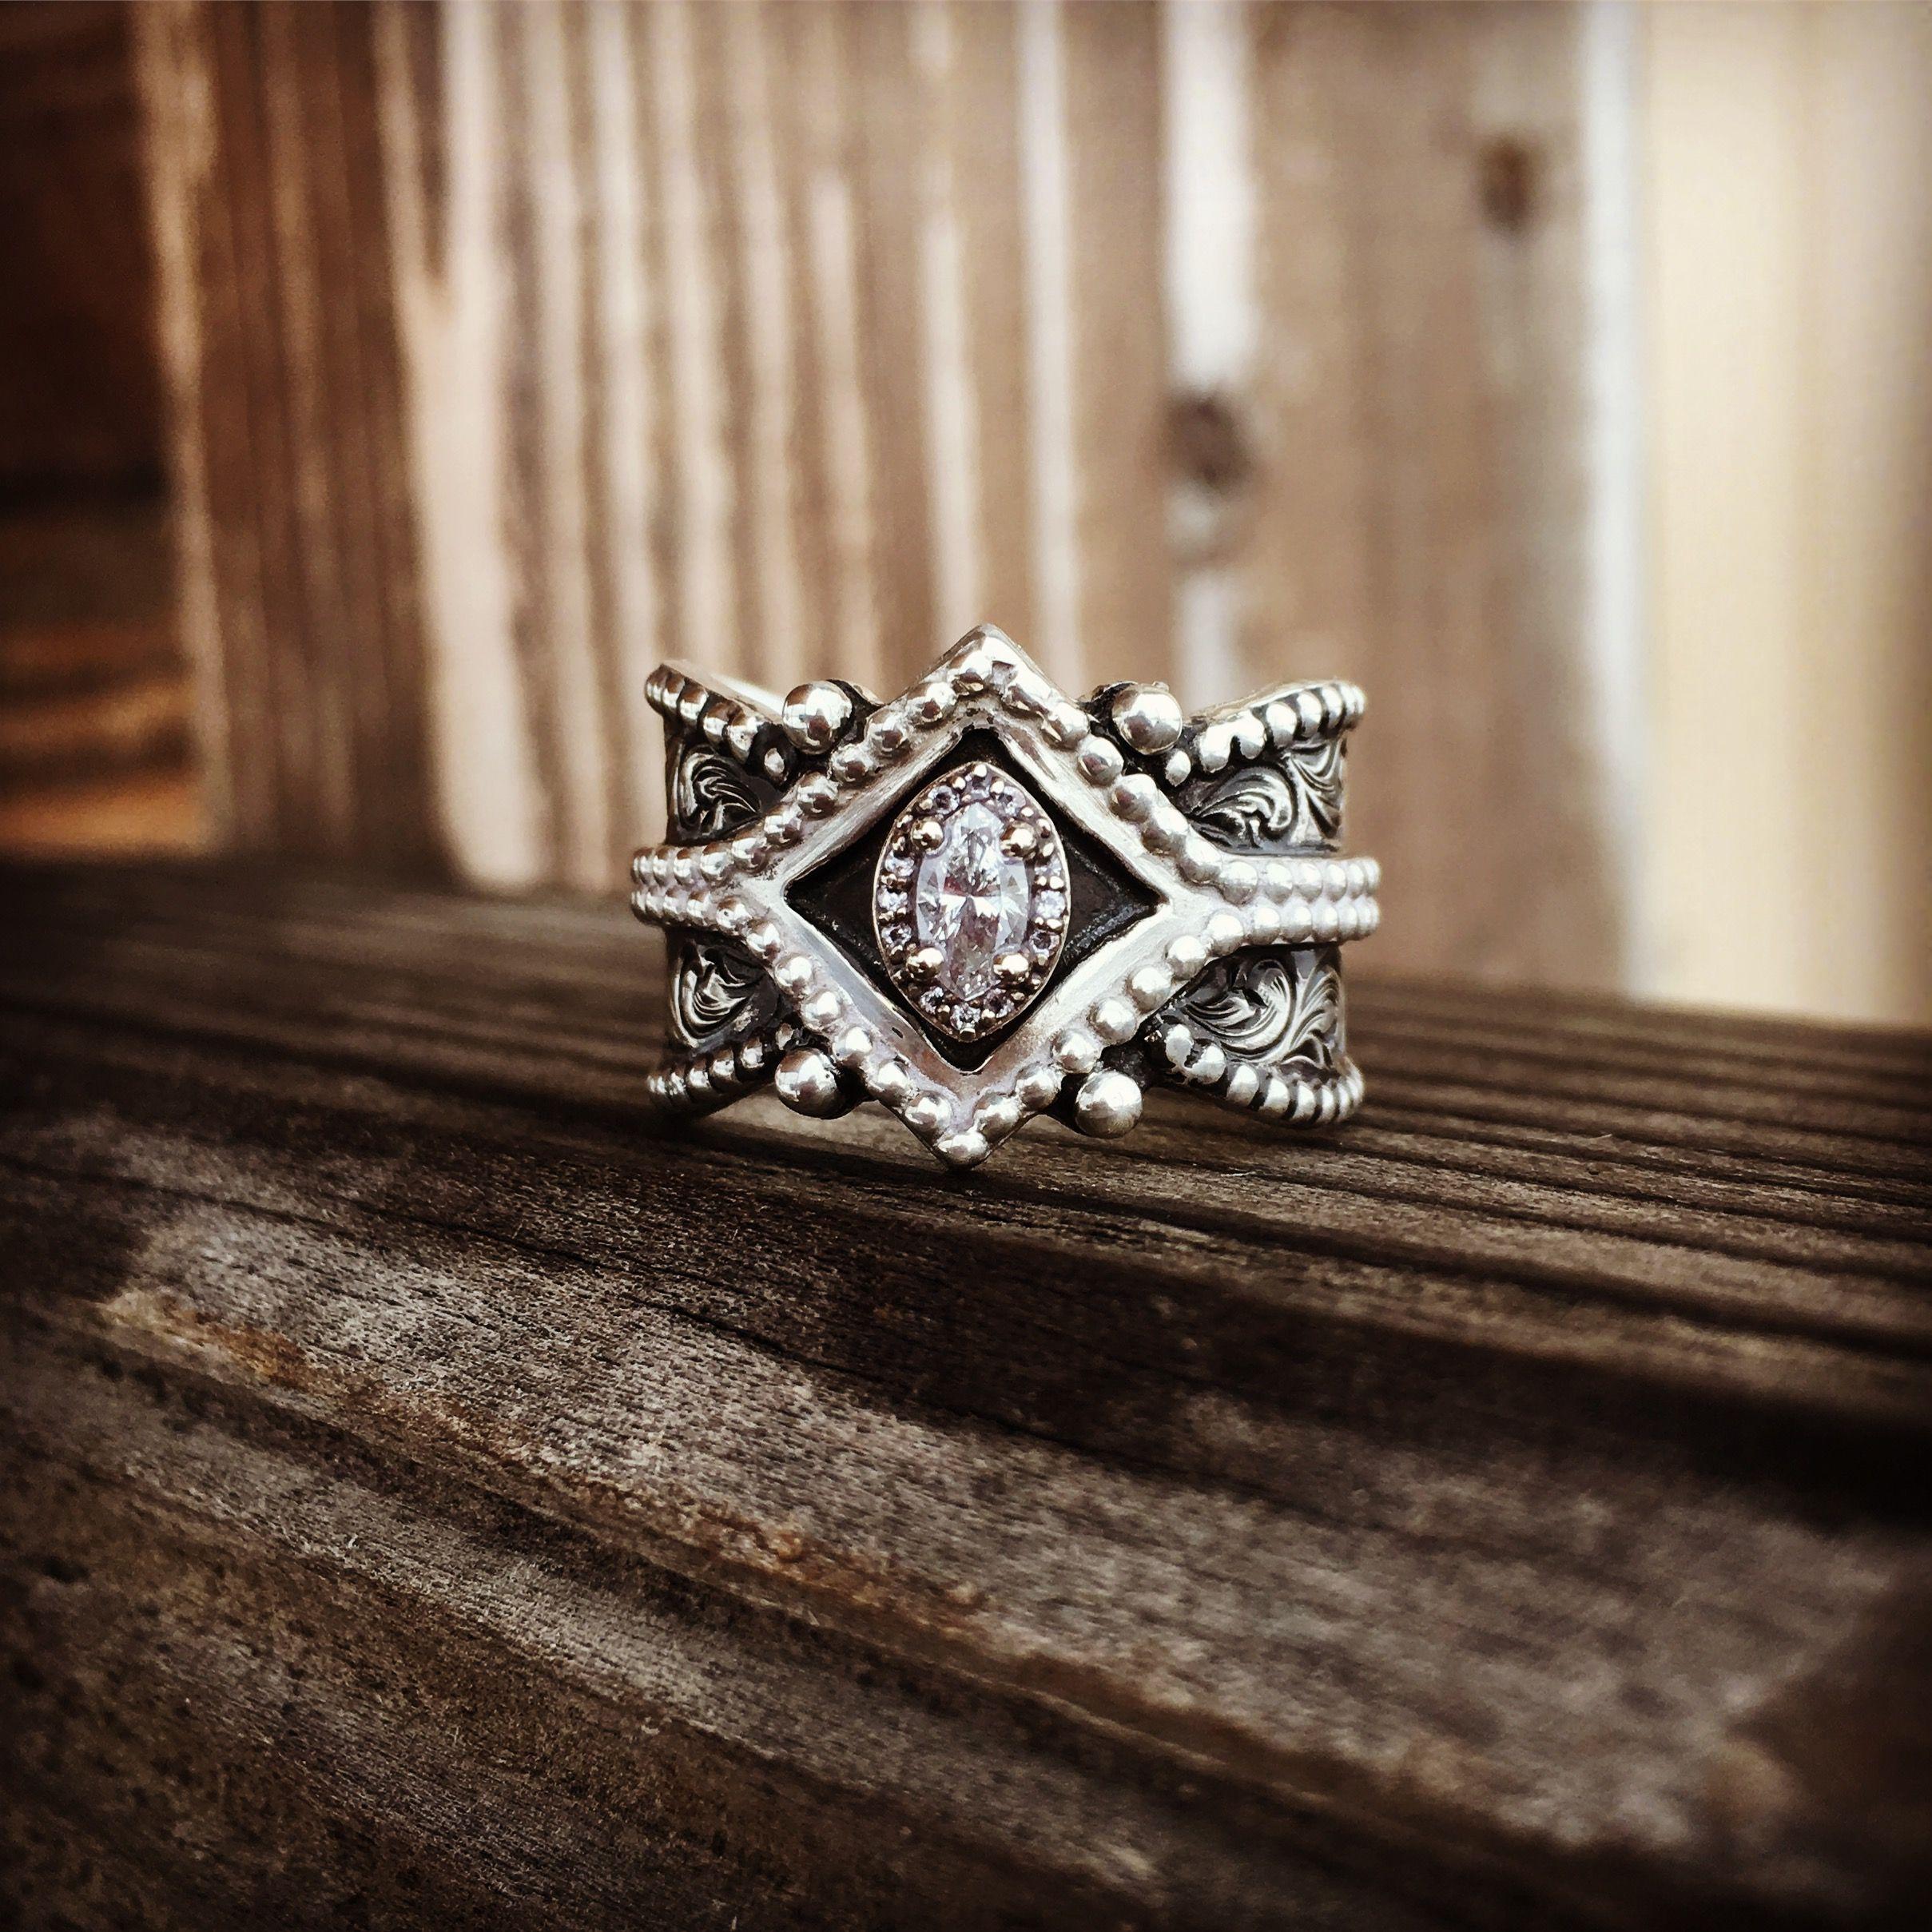 Western ring Silver dust Annie wangsgard Engraved